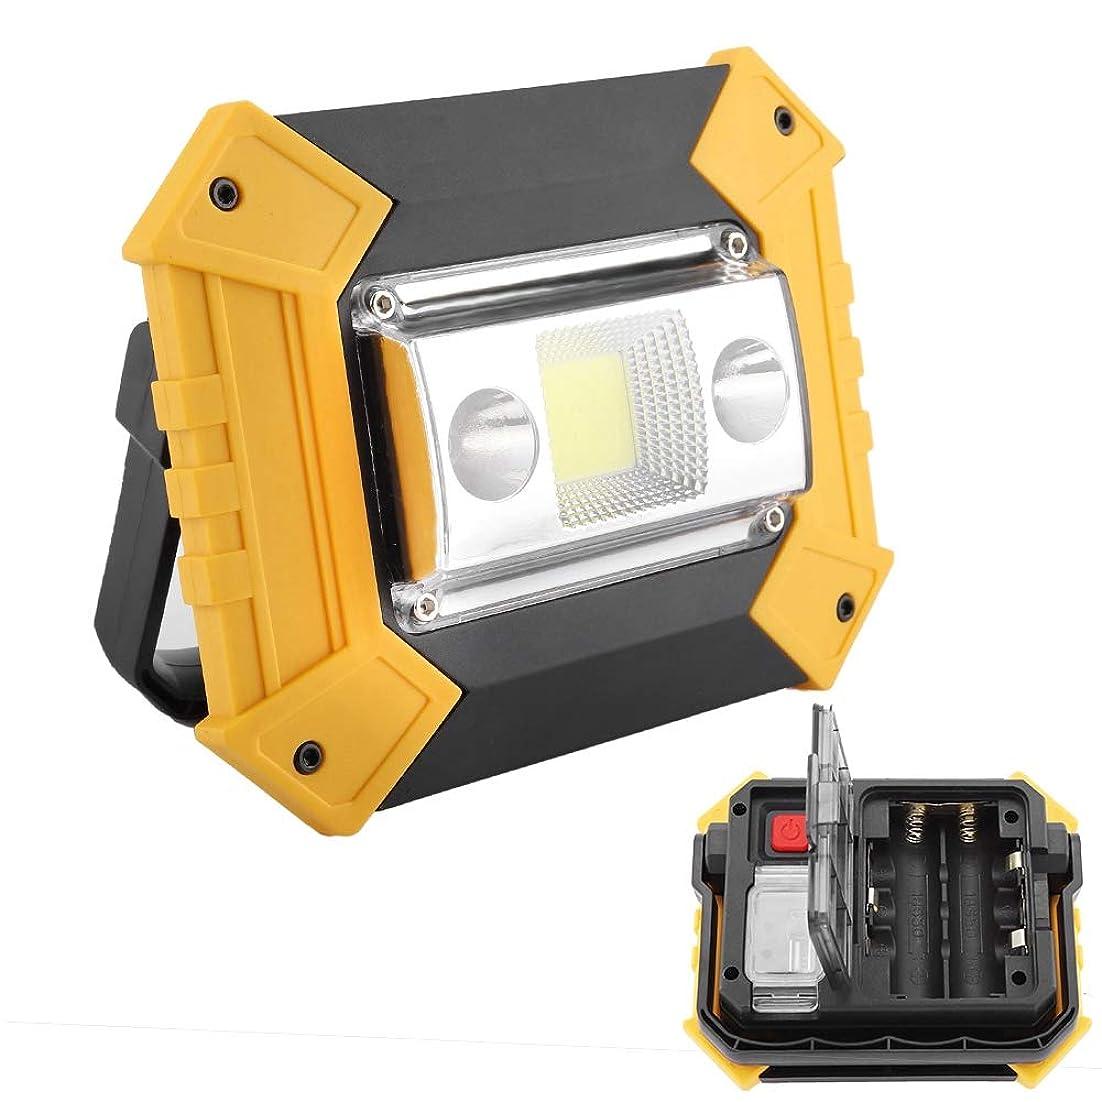 賛美歌ごめんなさいタイムリーなCOBワークライト、高輝度COBワークライトUSB充電LED警告ランプハンドヘルド懐中電灯屋外キャンプ用緊急LEDライト